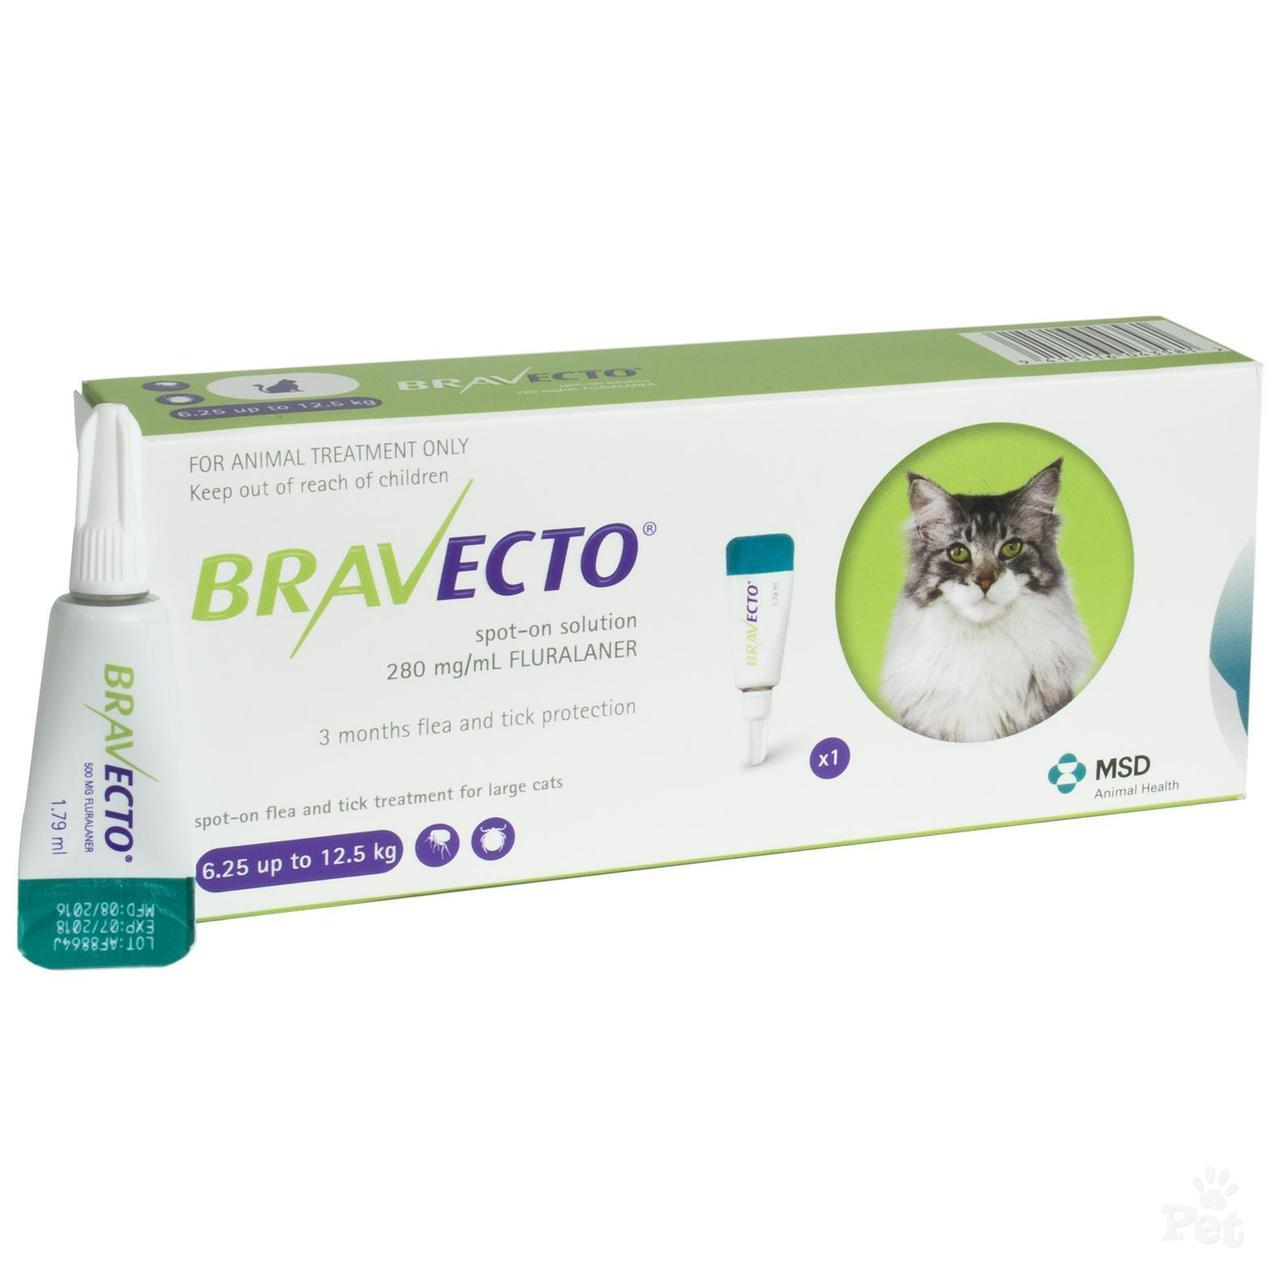 Капли Бравекто (Bravecto) для кошек 6,25 - 12,5 кг